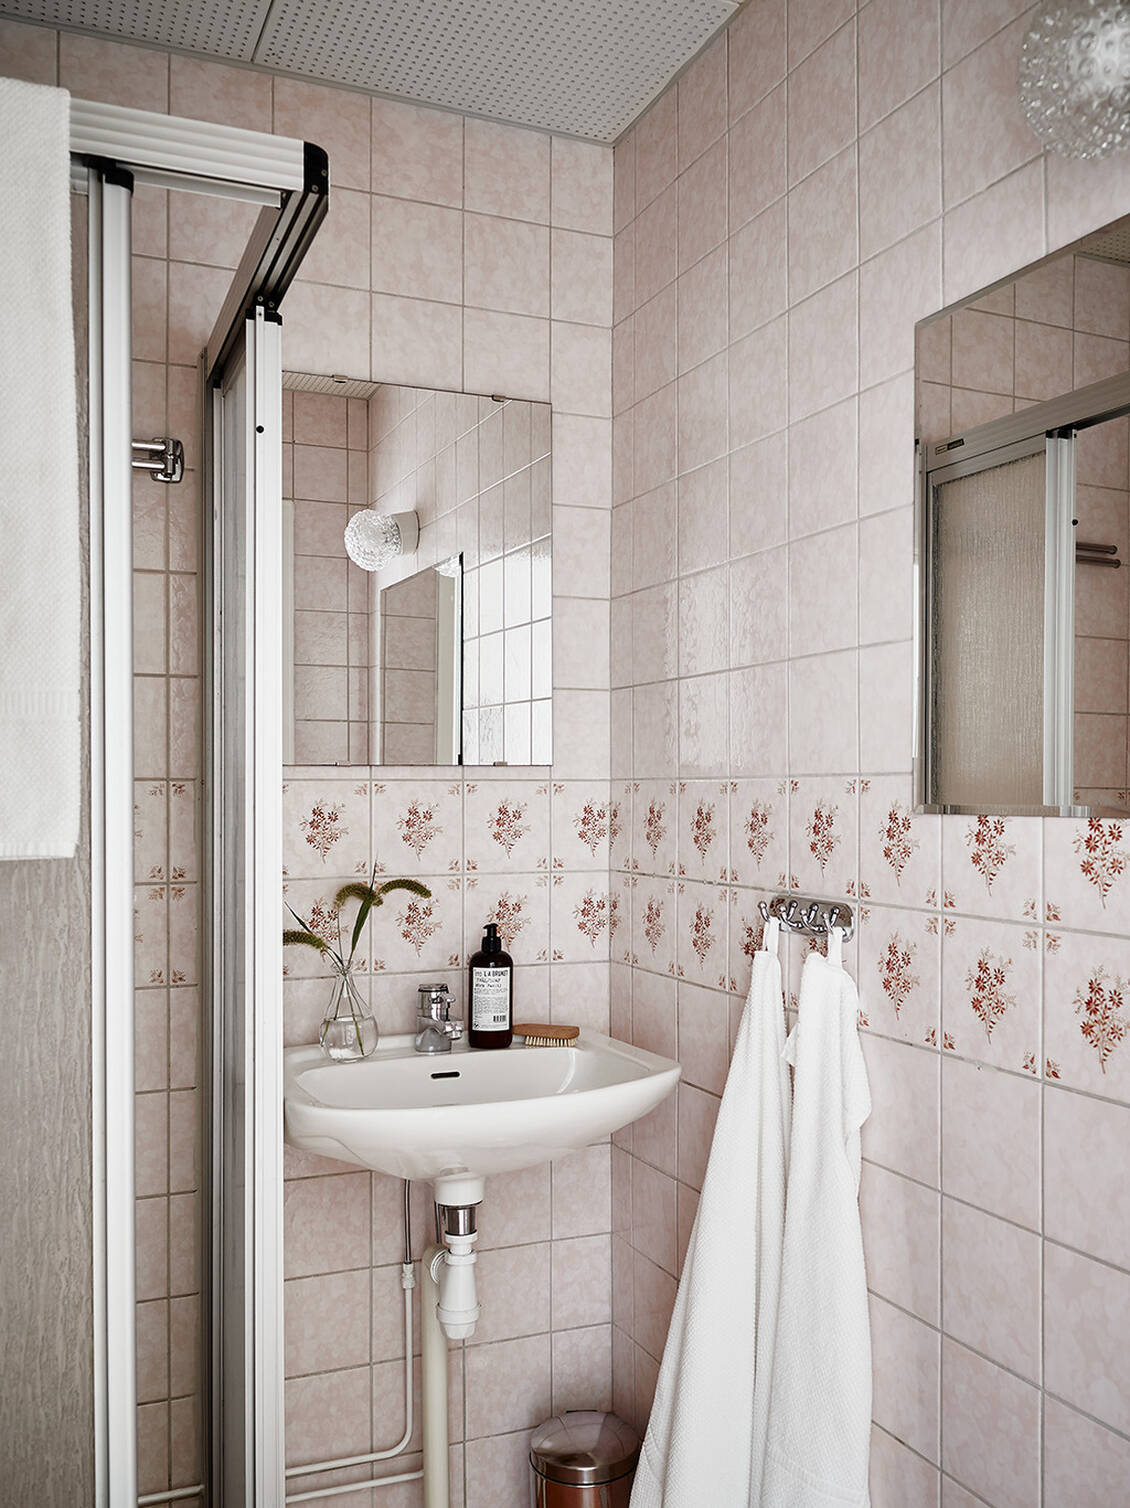 Föreningen bidrar med 20.400 kr vid en badrumsrenovering.